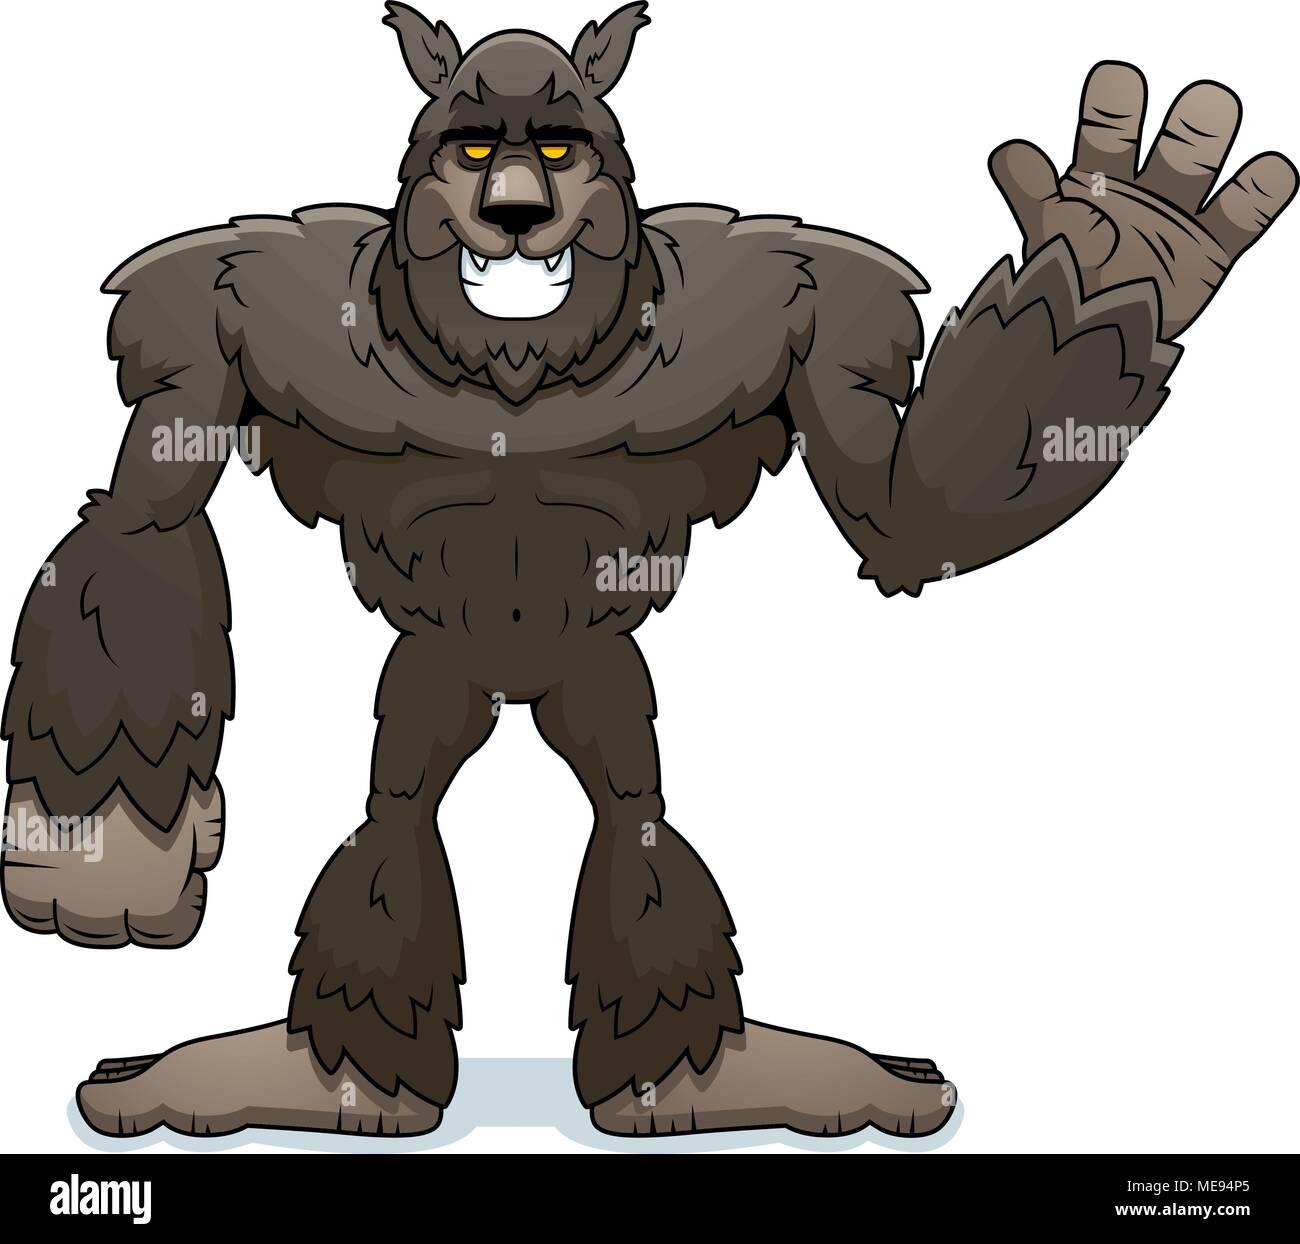 Attenti al lupo iter selvaggio dalla mitologia al fumetto duerighe